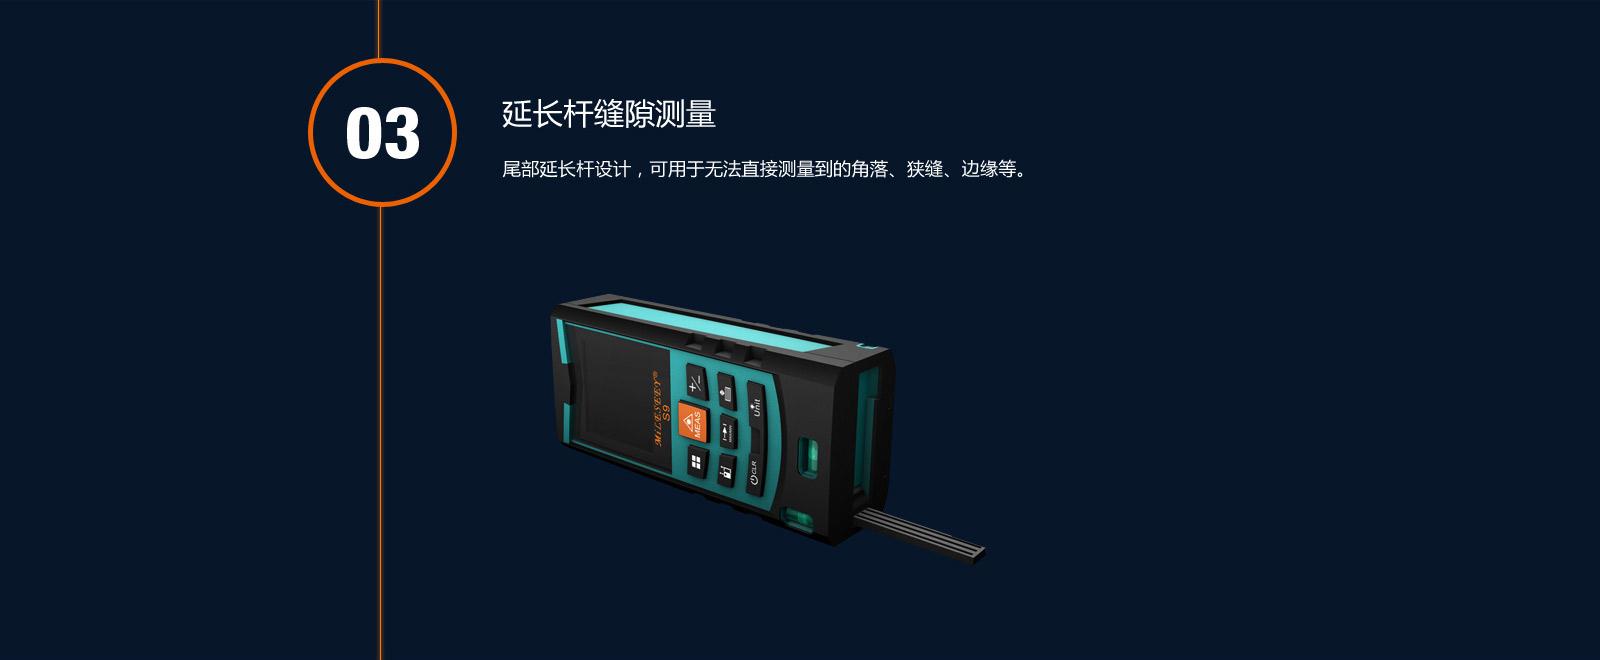 贵阳激光测距仪销售